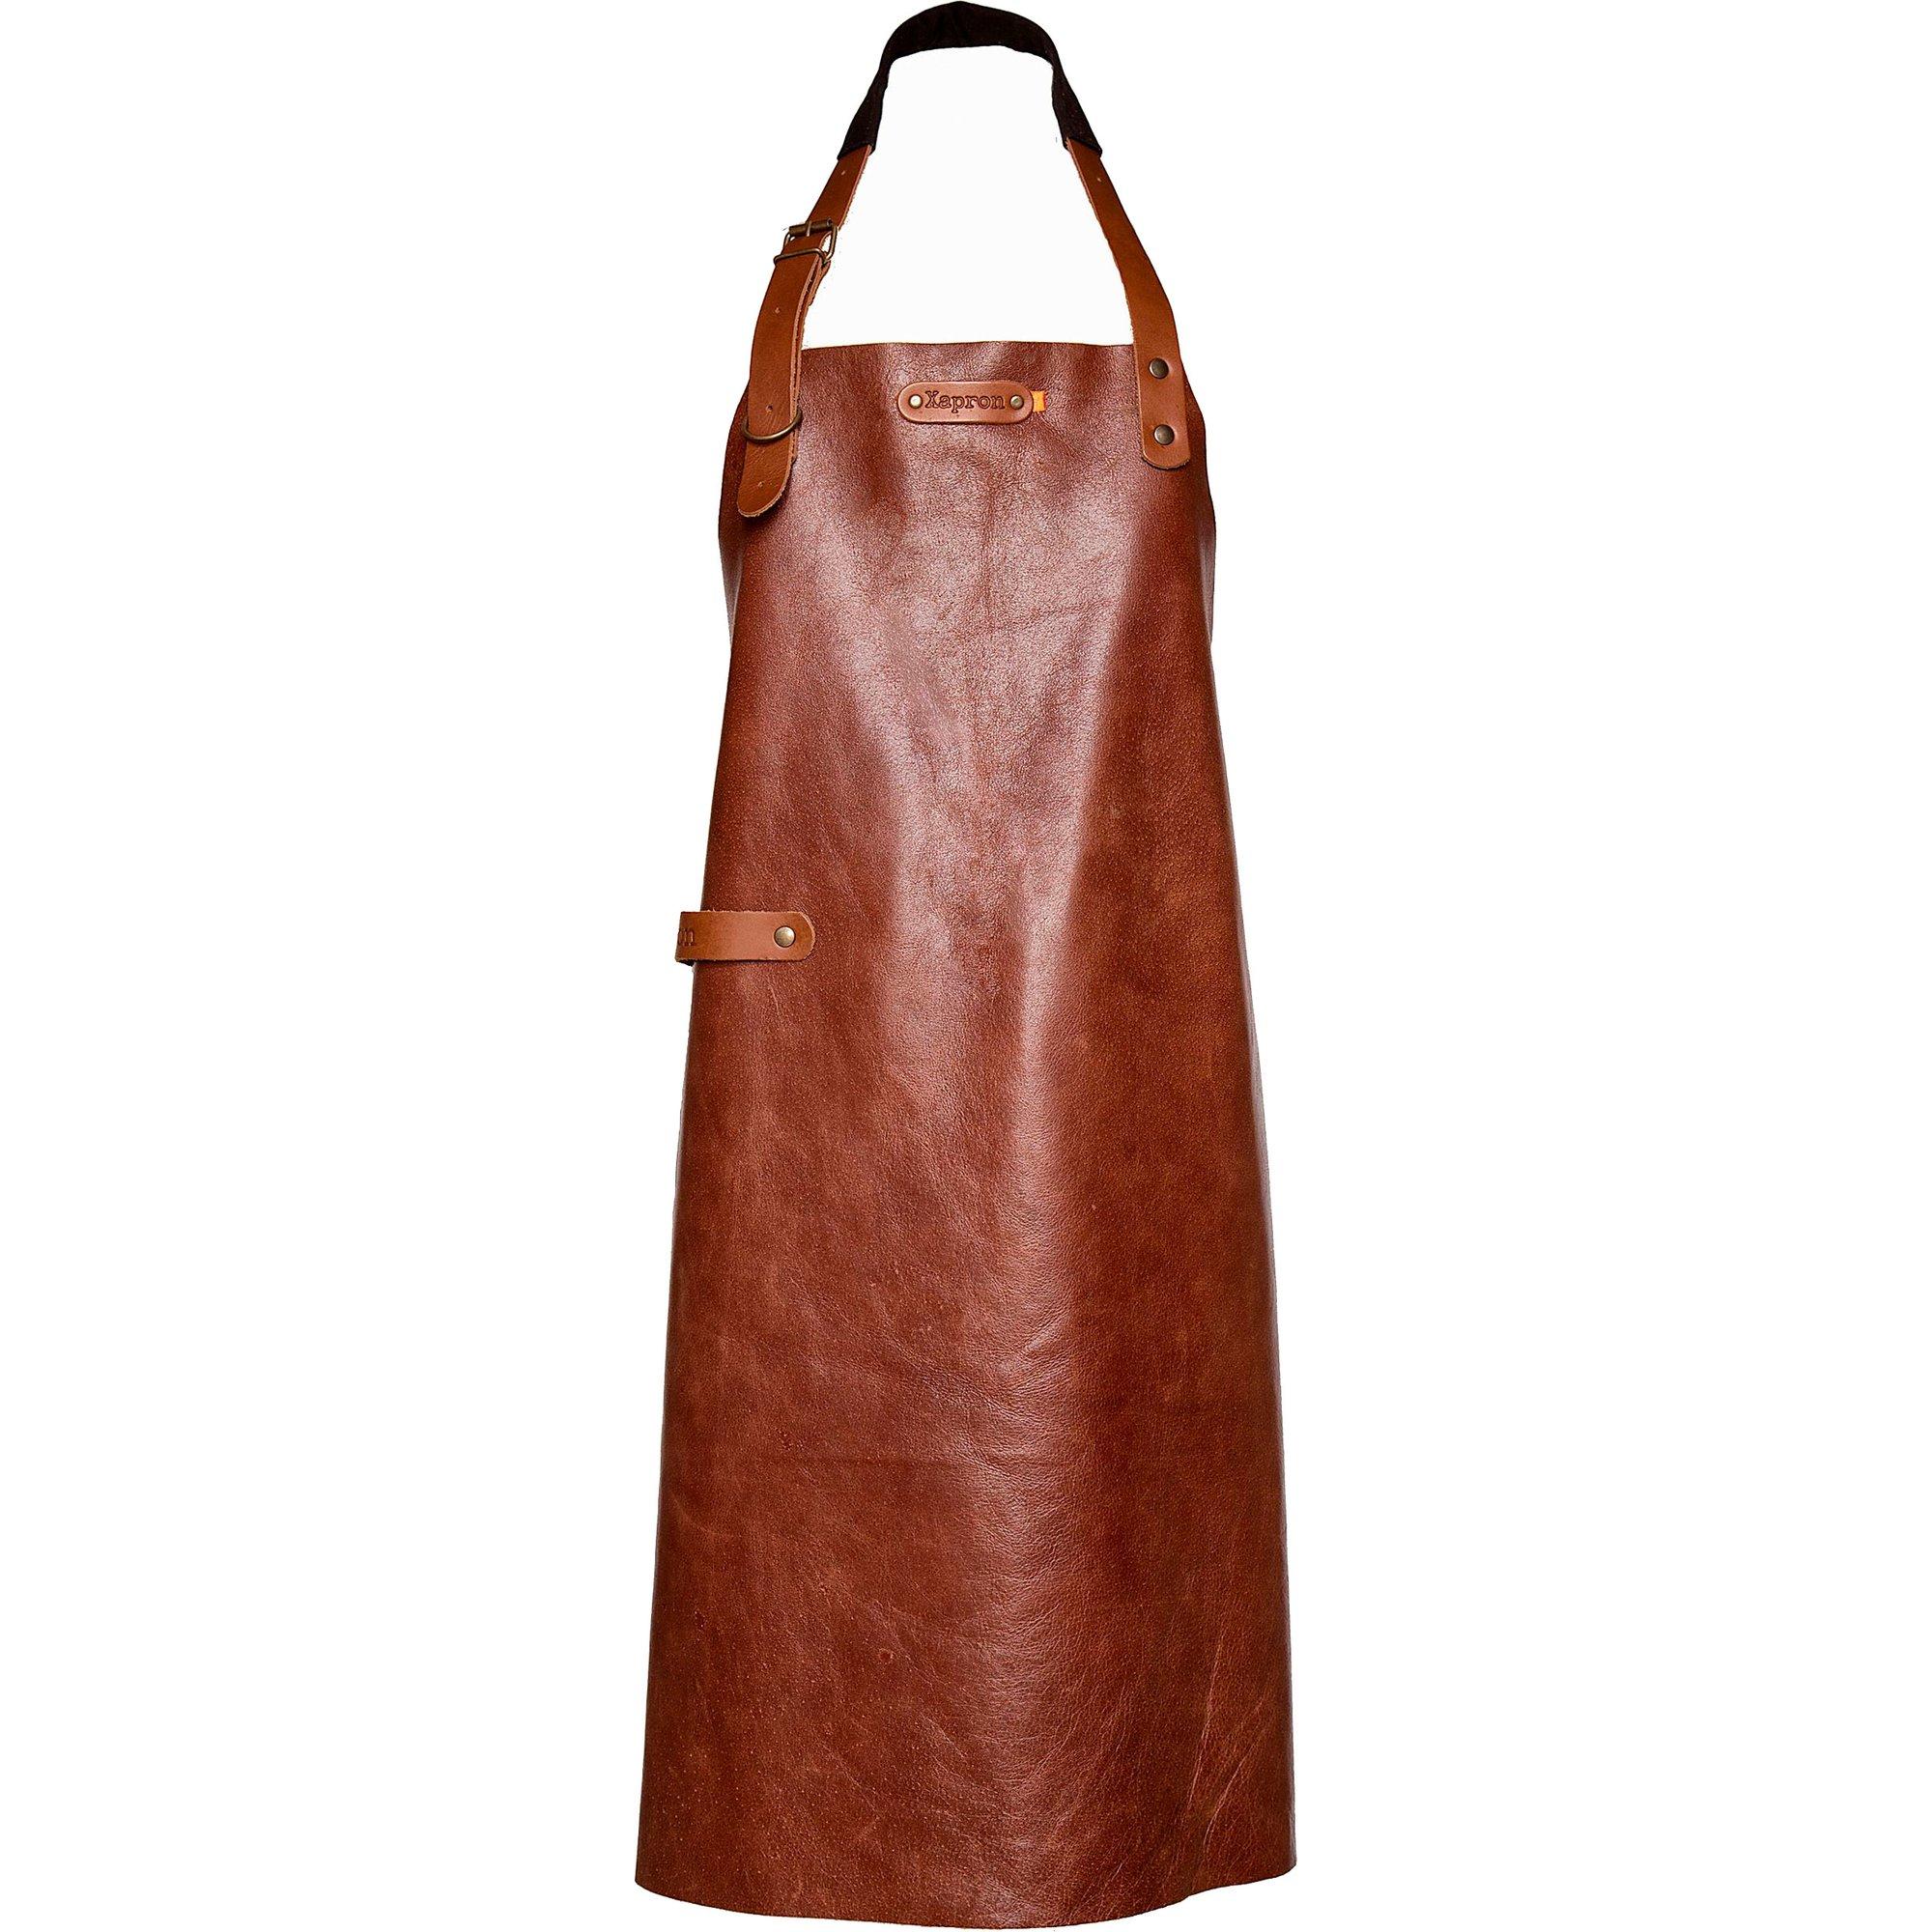 Xapron New York förkläde i cognac-brun L